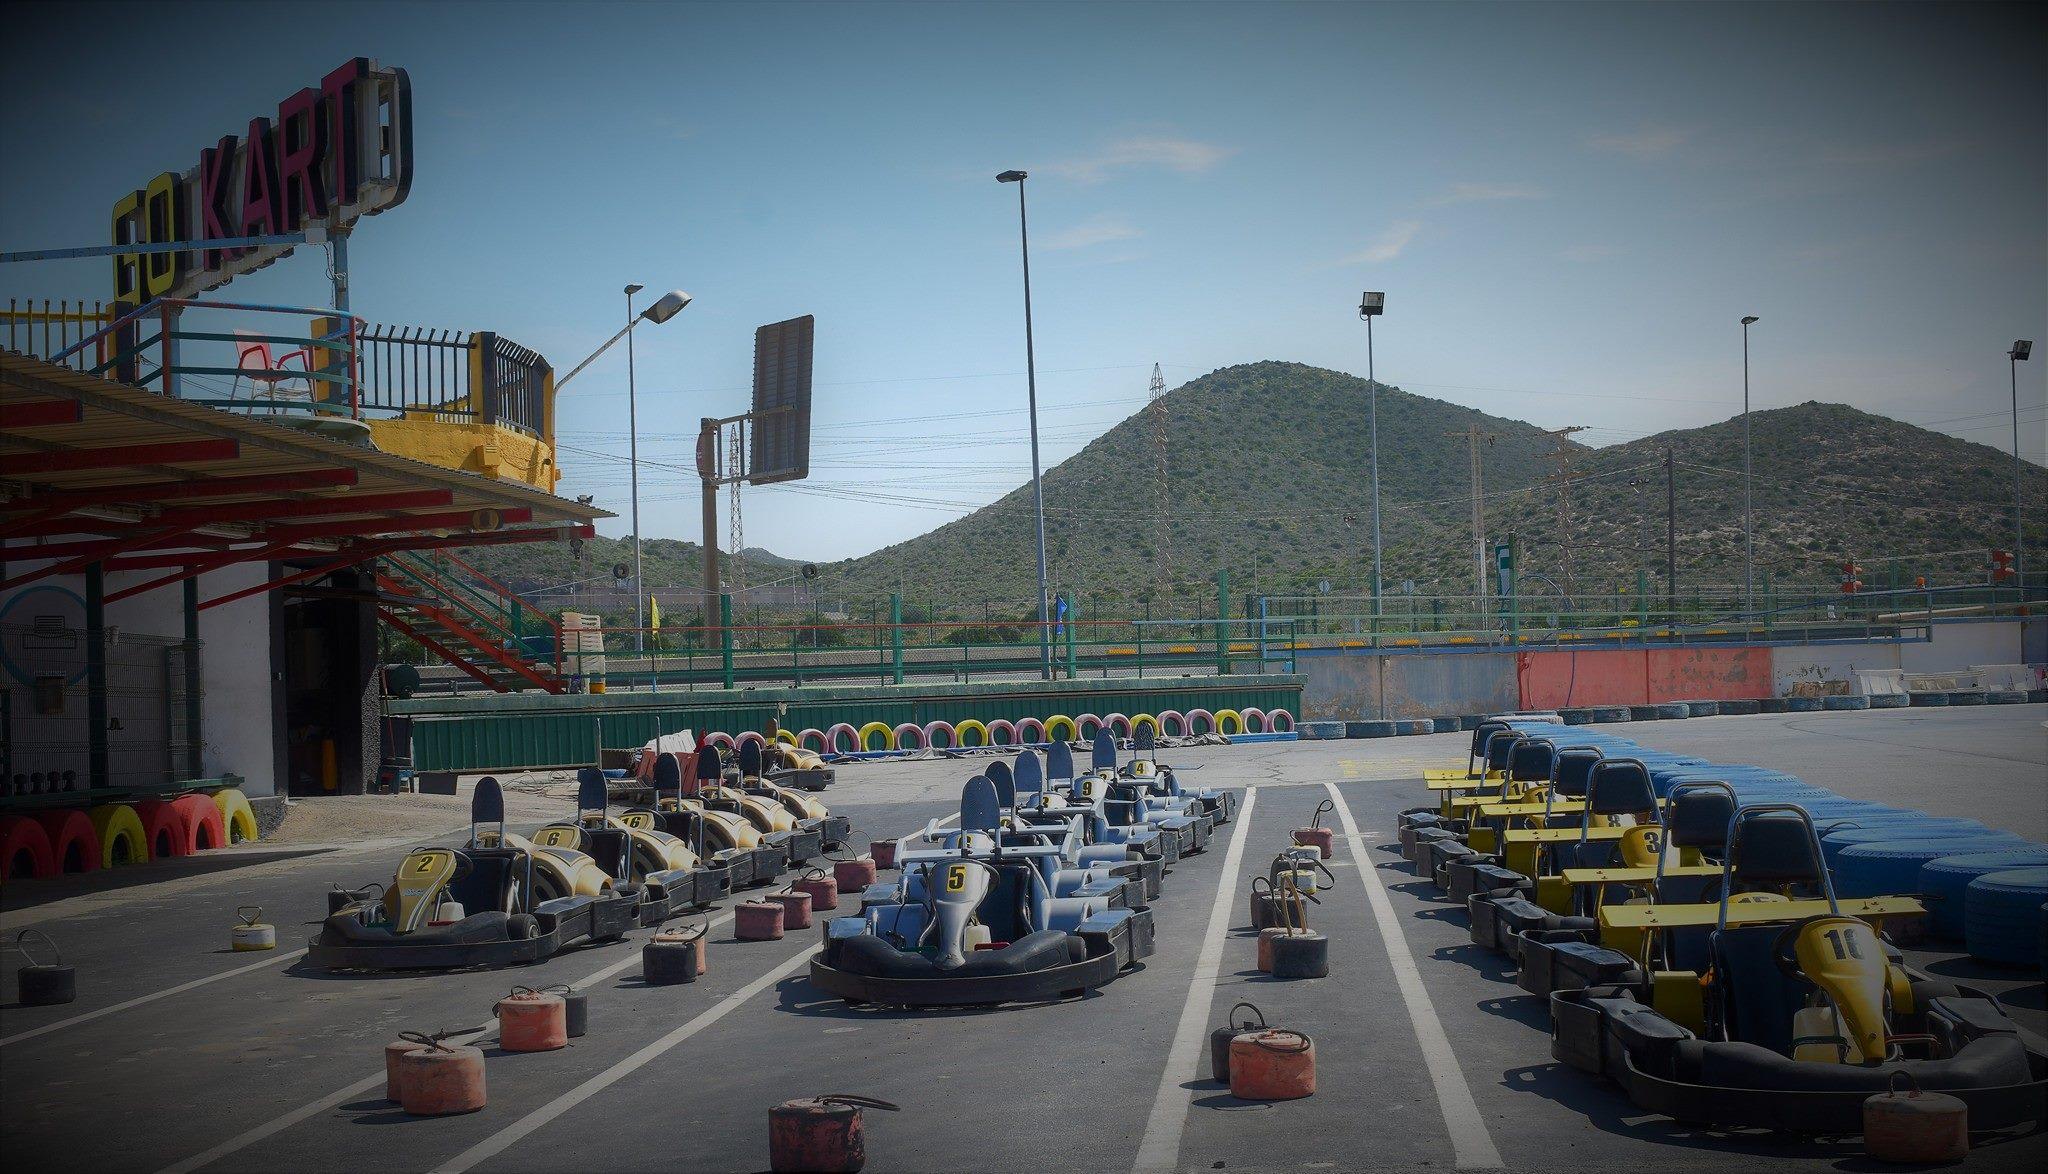 Gokart Karting